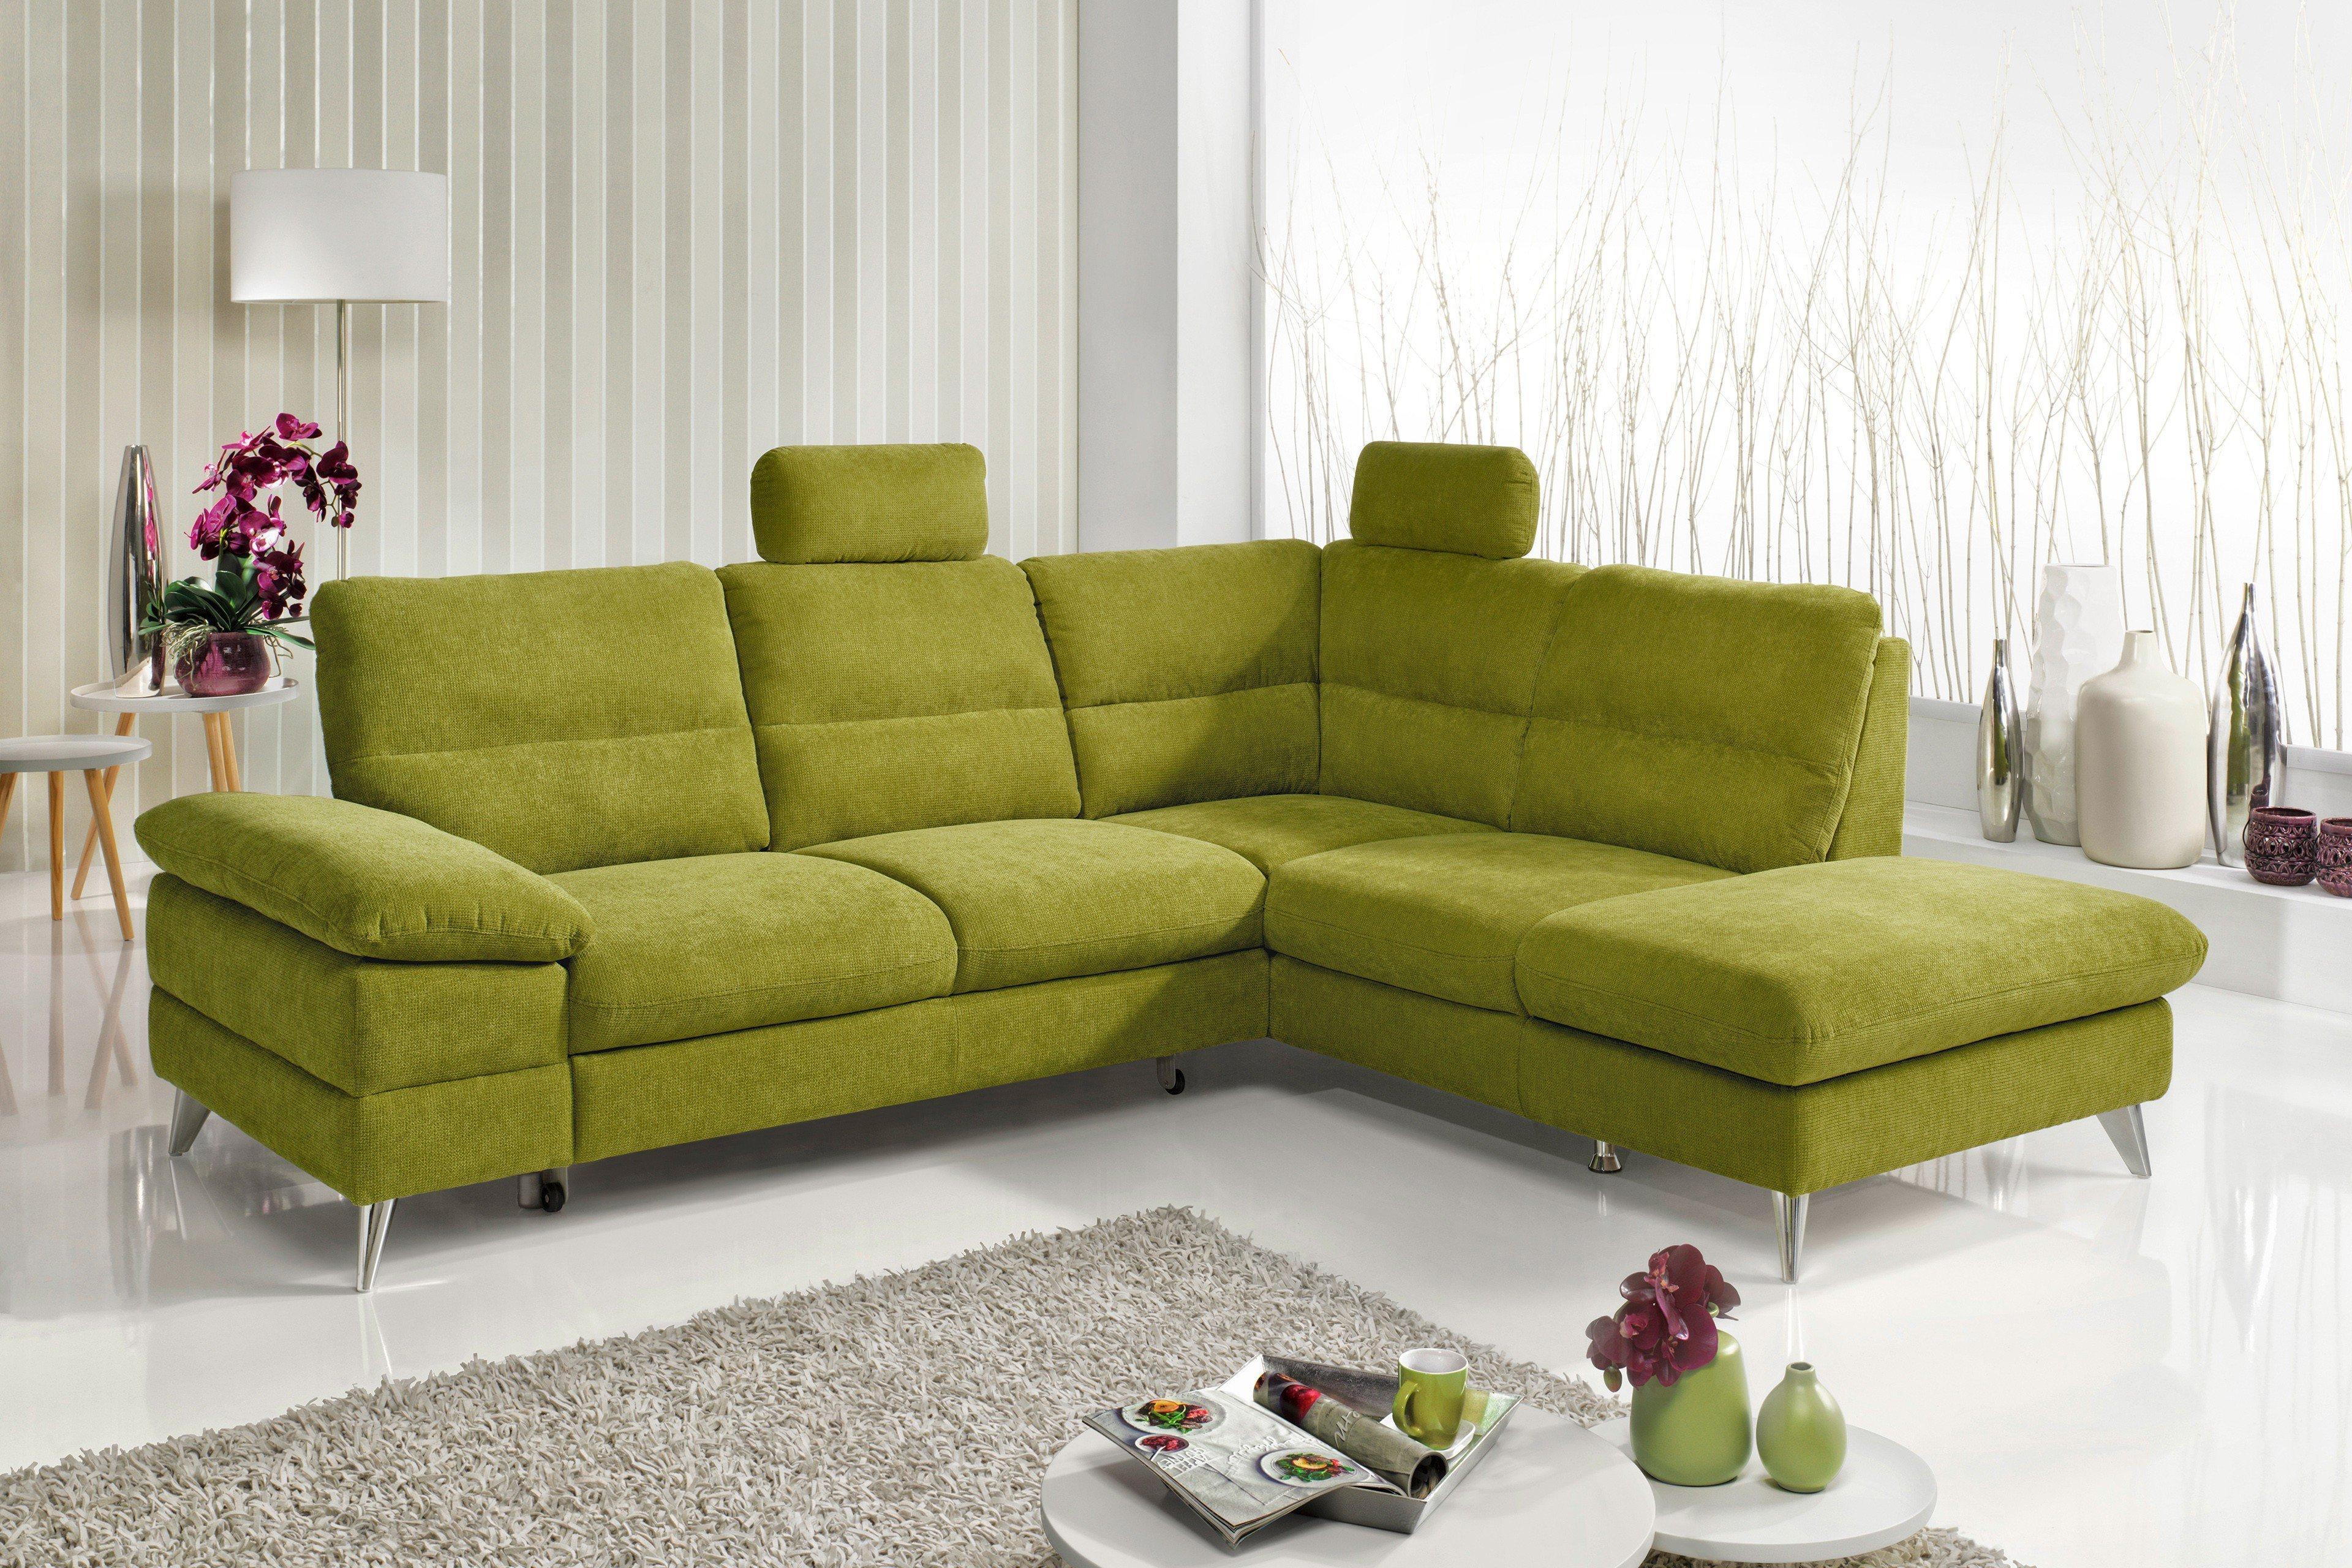 cotta ella eckgarnitur in gr n m bel letz ihr online shop. Black Bedroom Furniture Sets. Home Design Ideas